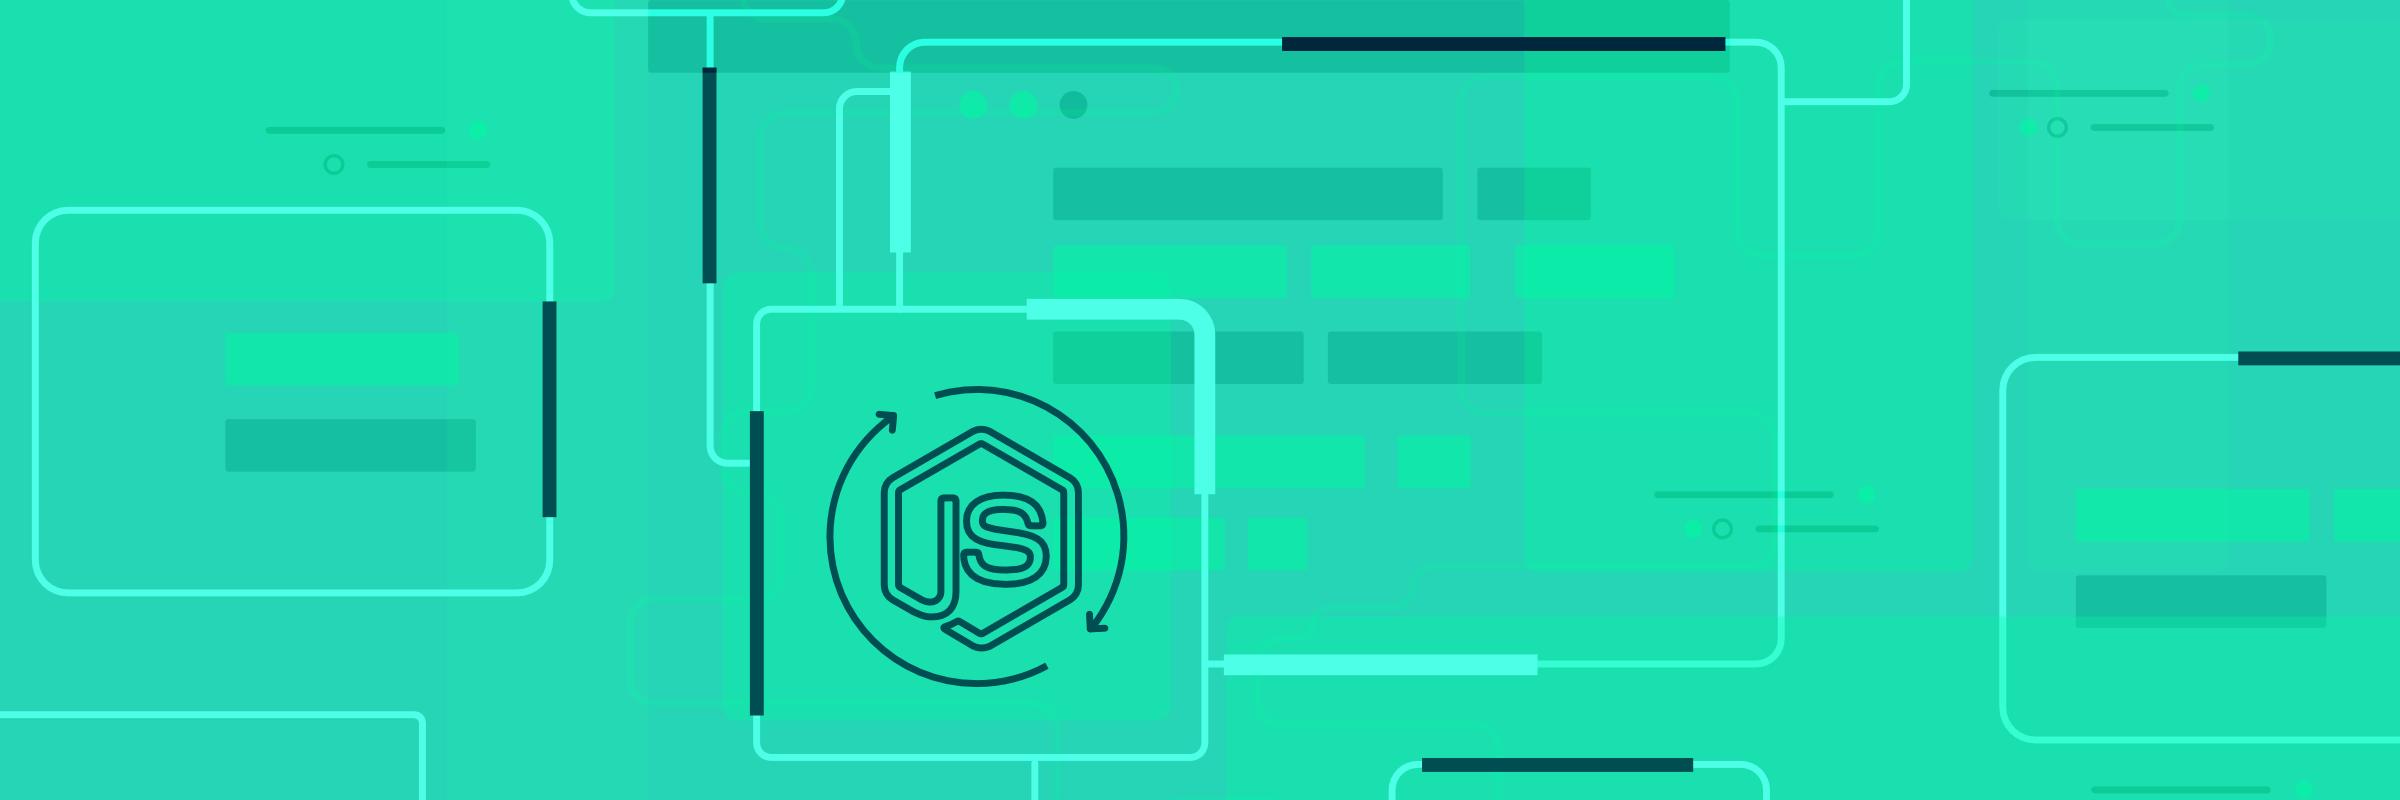 Ten Node.js Frameworks You Should be Learning Next!